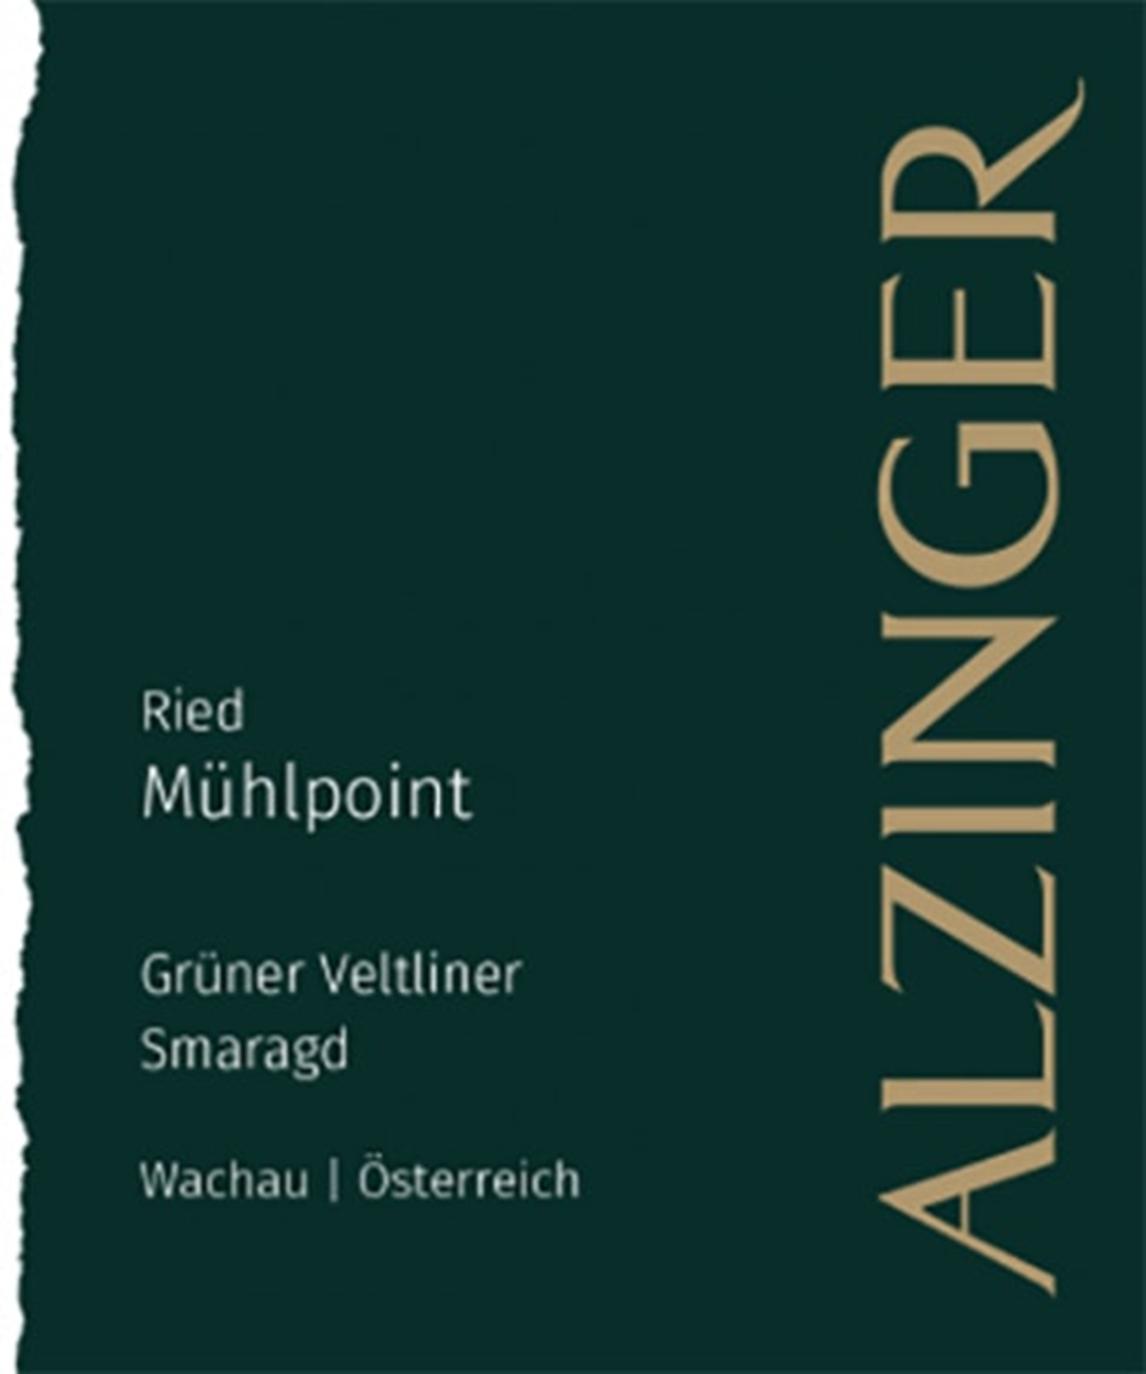 Alzinger Gruner Veltliner Ried Muhlpoint Smaragd 2017